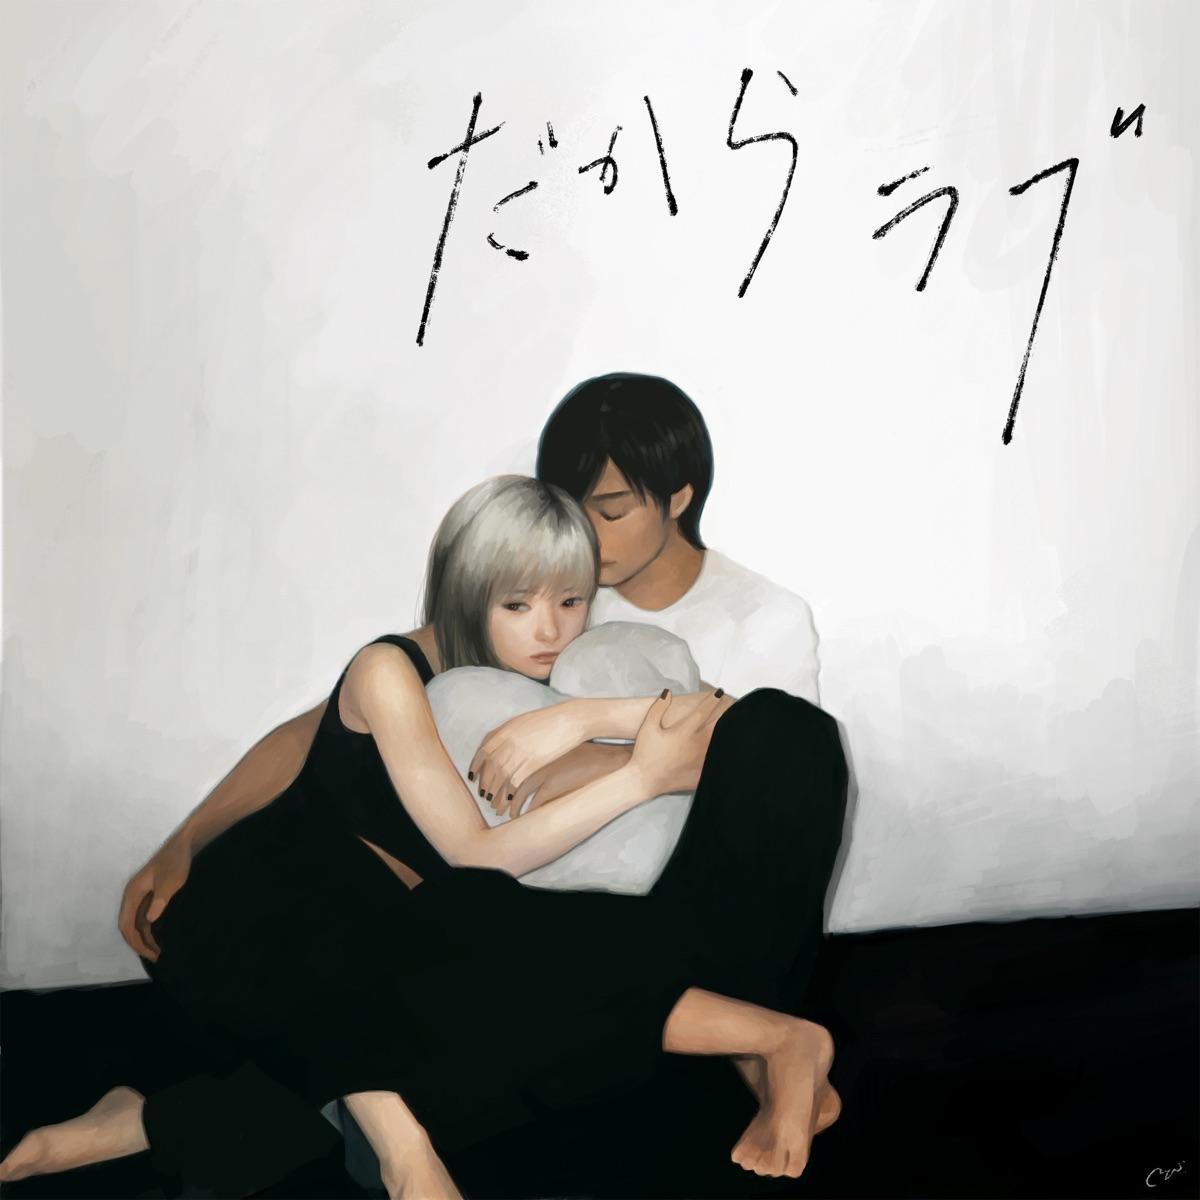 『美的計画 - だからラブ feat.相沢&映秀。』収録の『だからラブ feat.相沢&映秀。』ジャケット